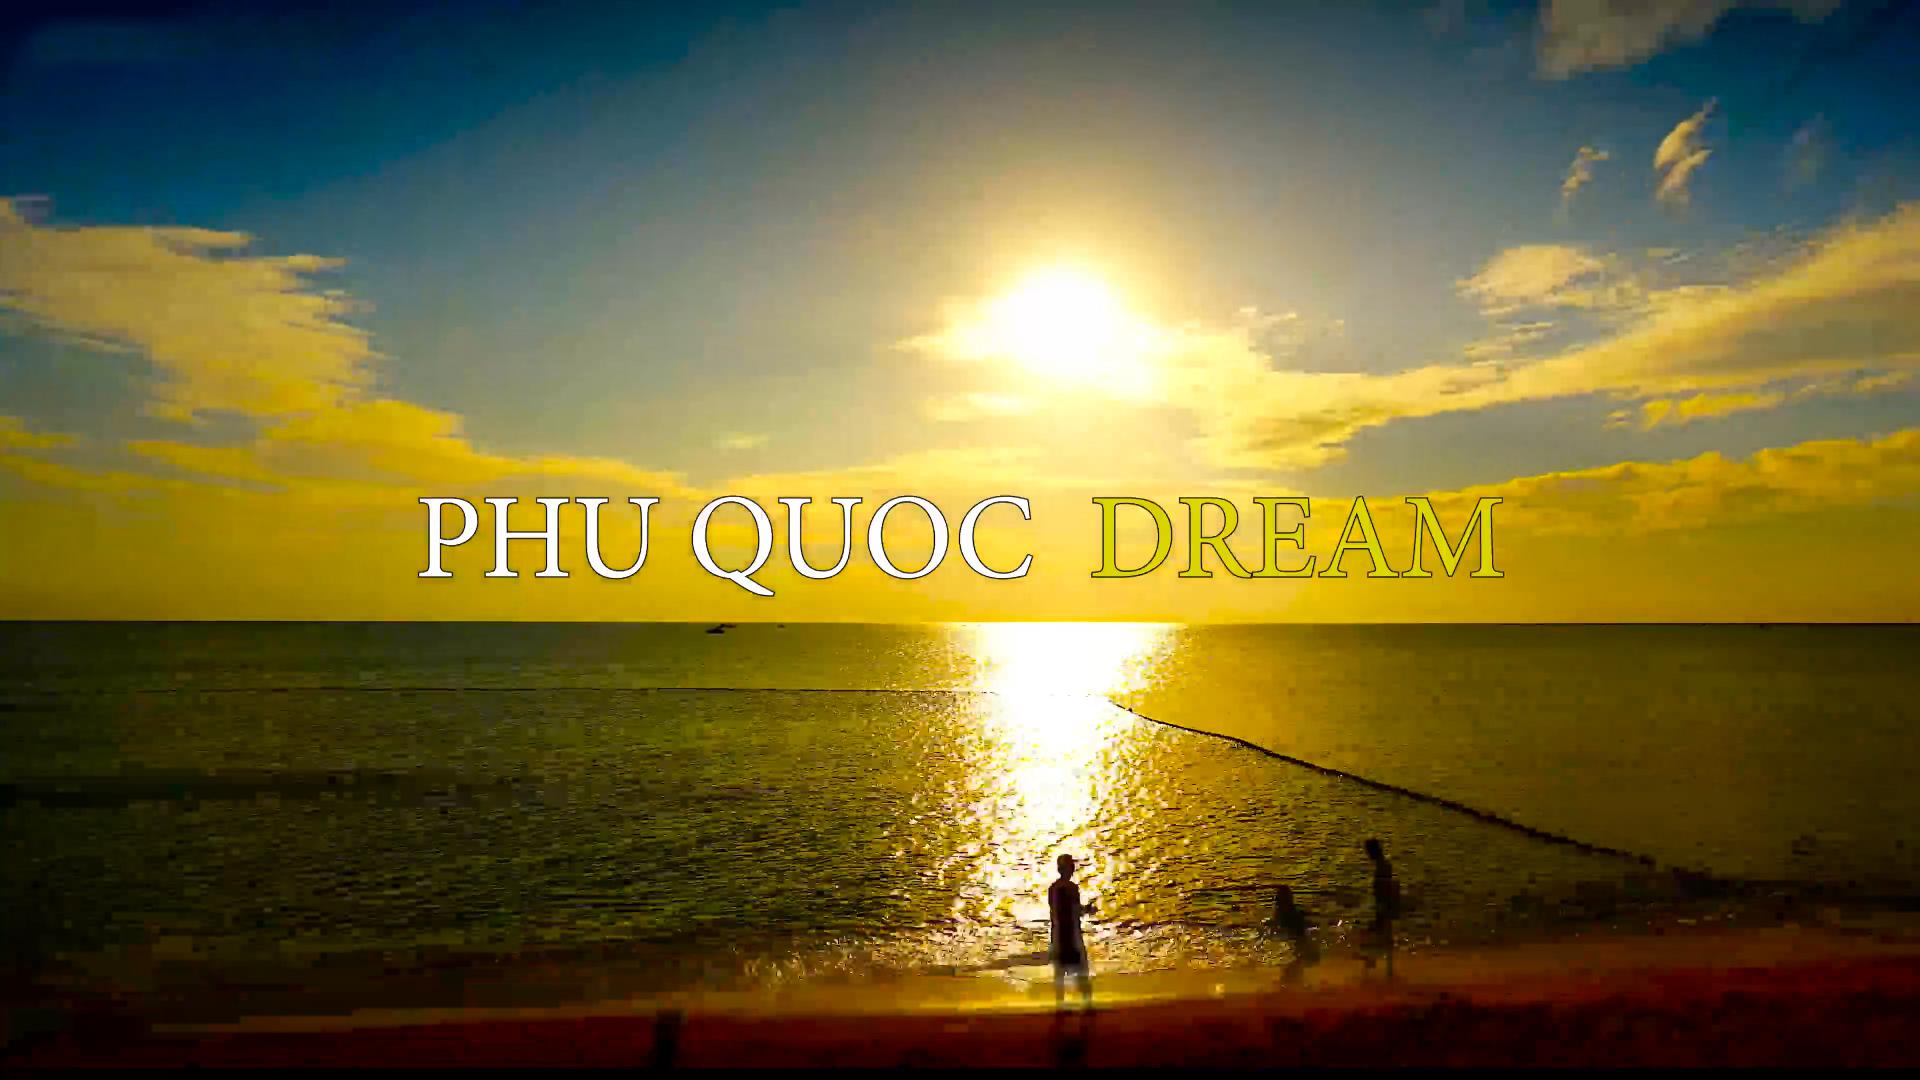 """Đoạn phim ngắn về Phú Quốc - Phu Quoc Dream phu quoc dream - Đoạn-phim-ngắn-về-Phú-Quốc-Phu-Quoc-Dream - Đoạn phim ngắn về Phú Quốc –  """"PHU QUOC DREAM"""""""